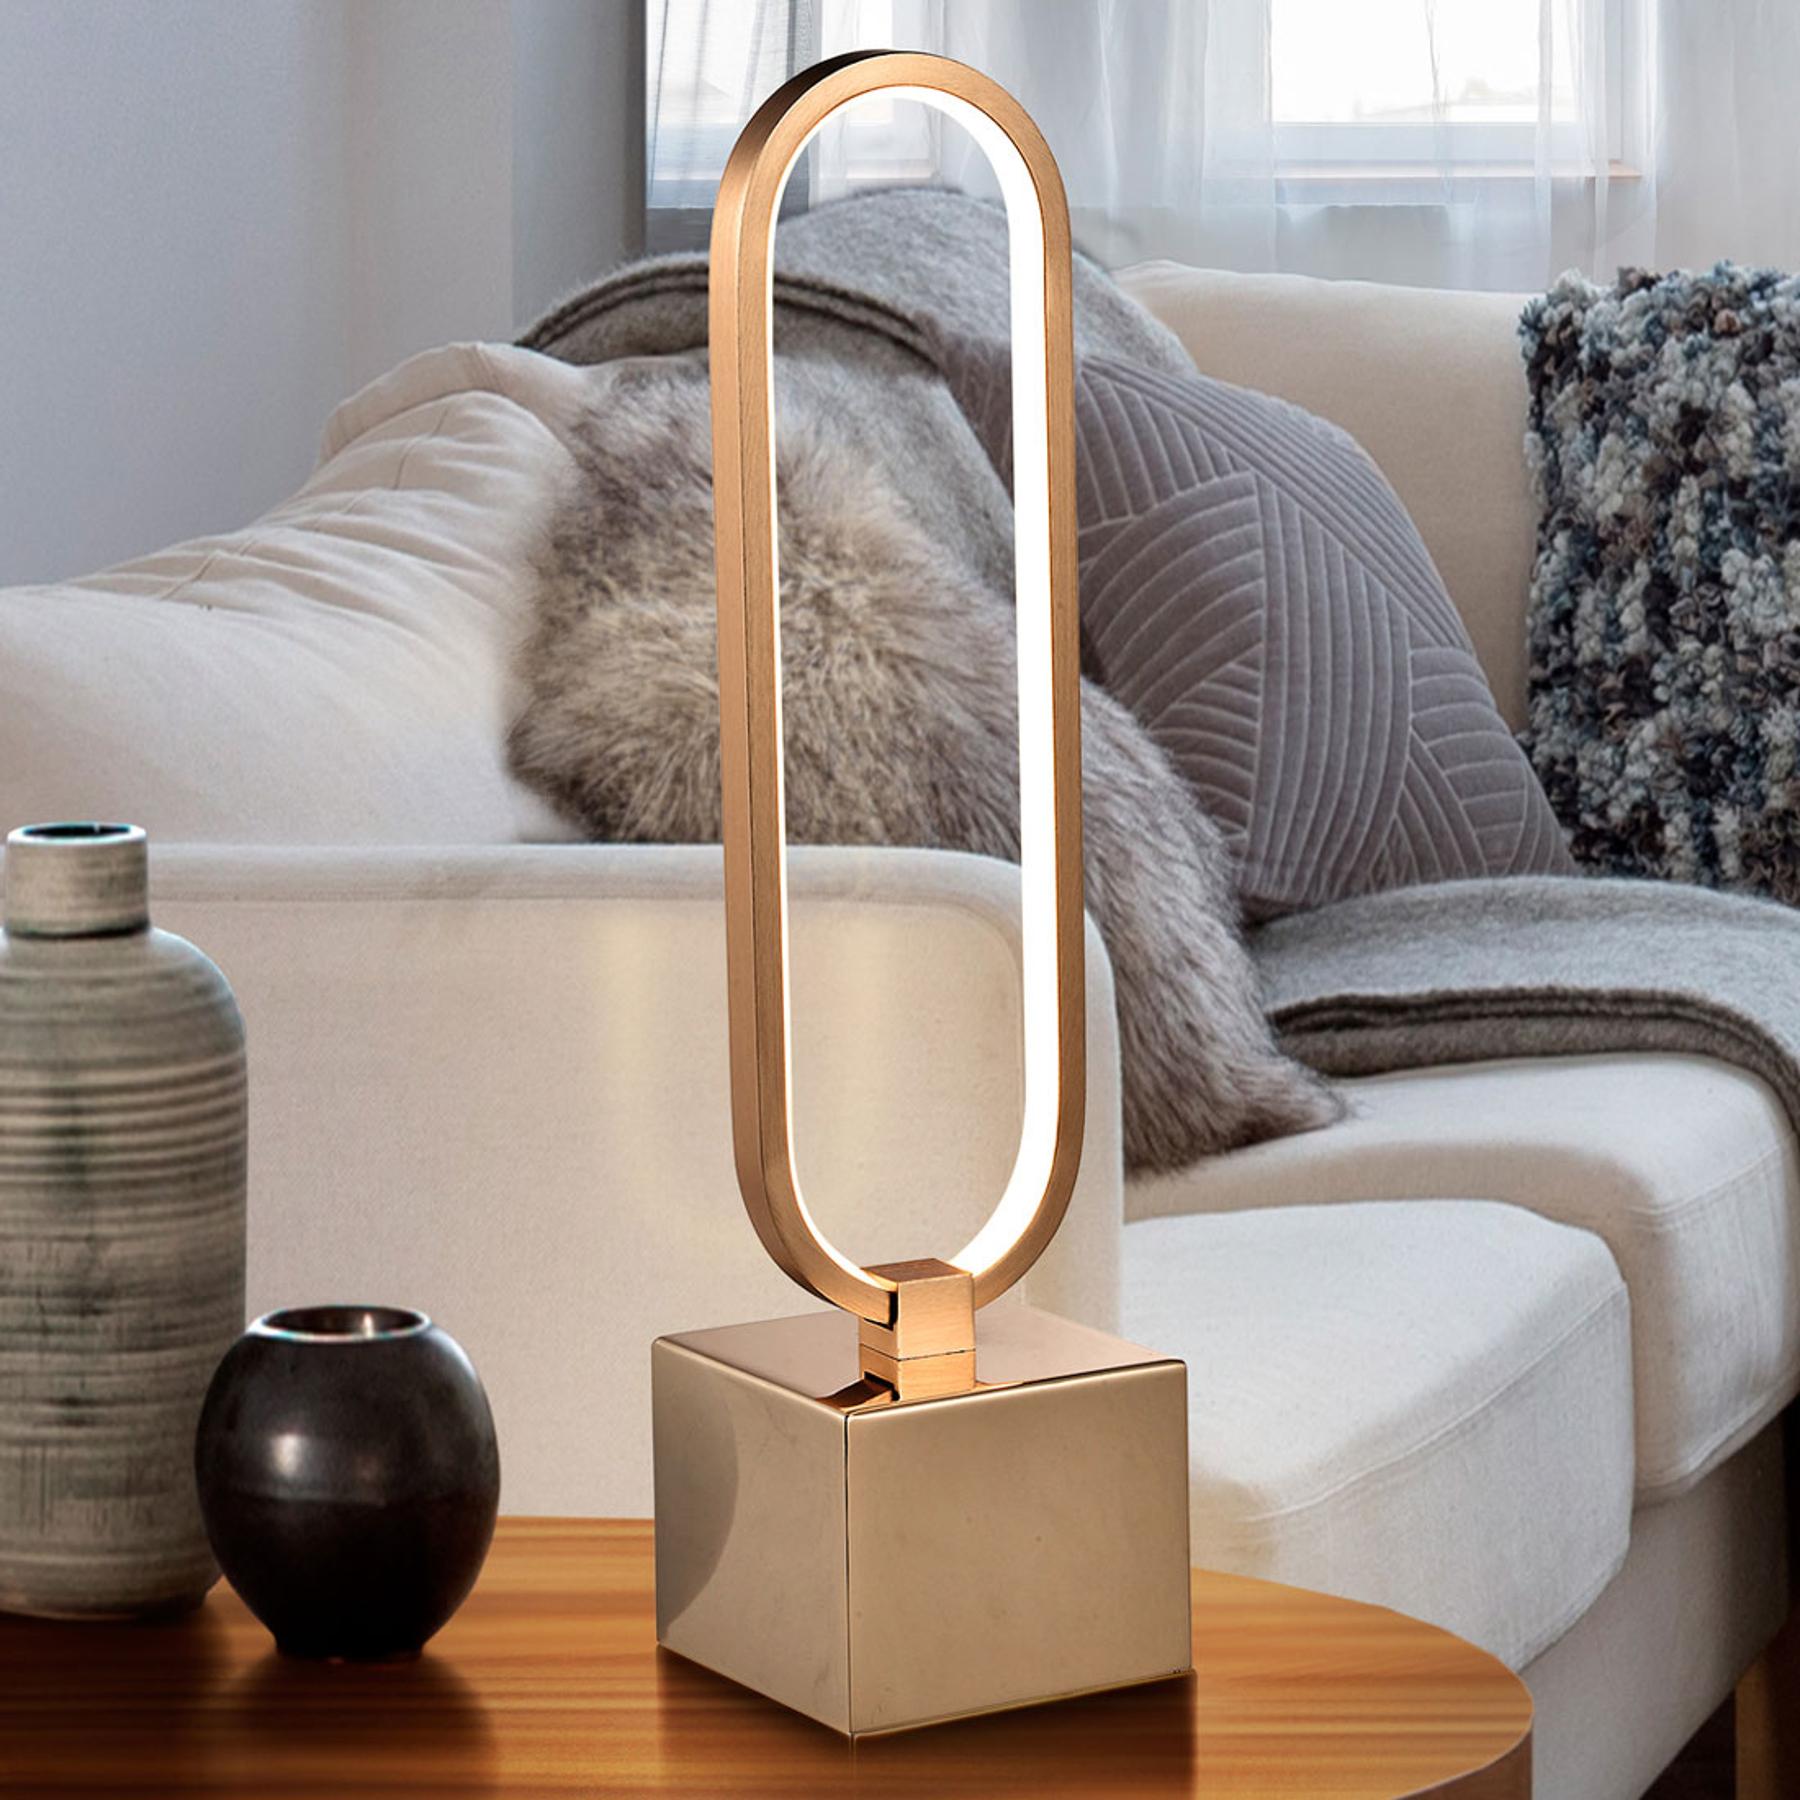 LED-pöytävalo Colette kaunis ruusukultainen design